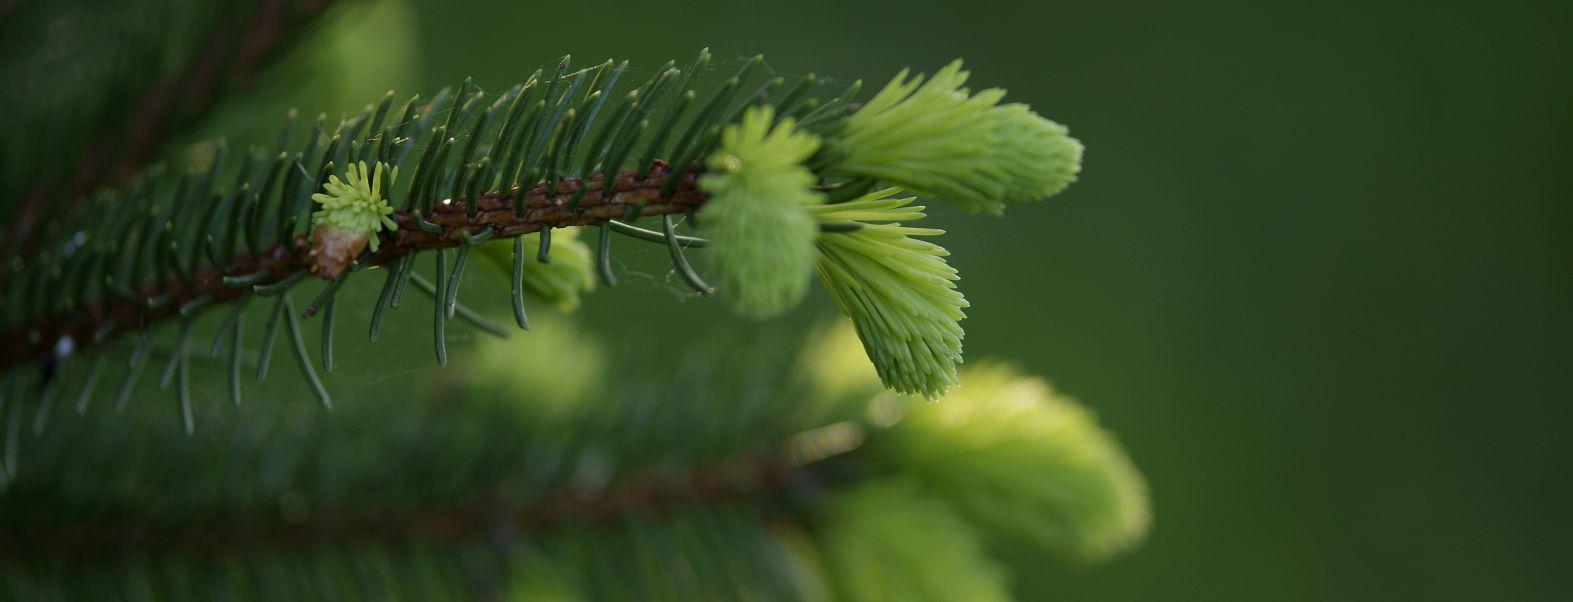 Aktuelle Meldungen rund um die Themen Eigentum und Forstwirtschaft